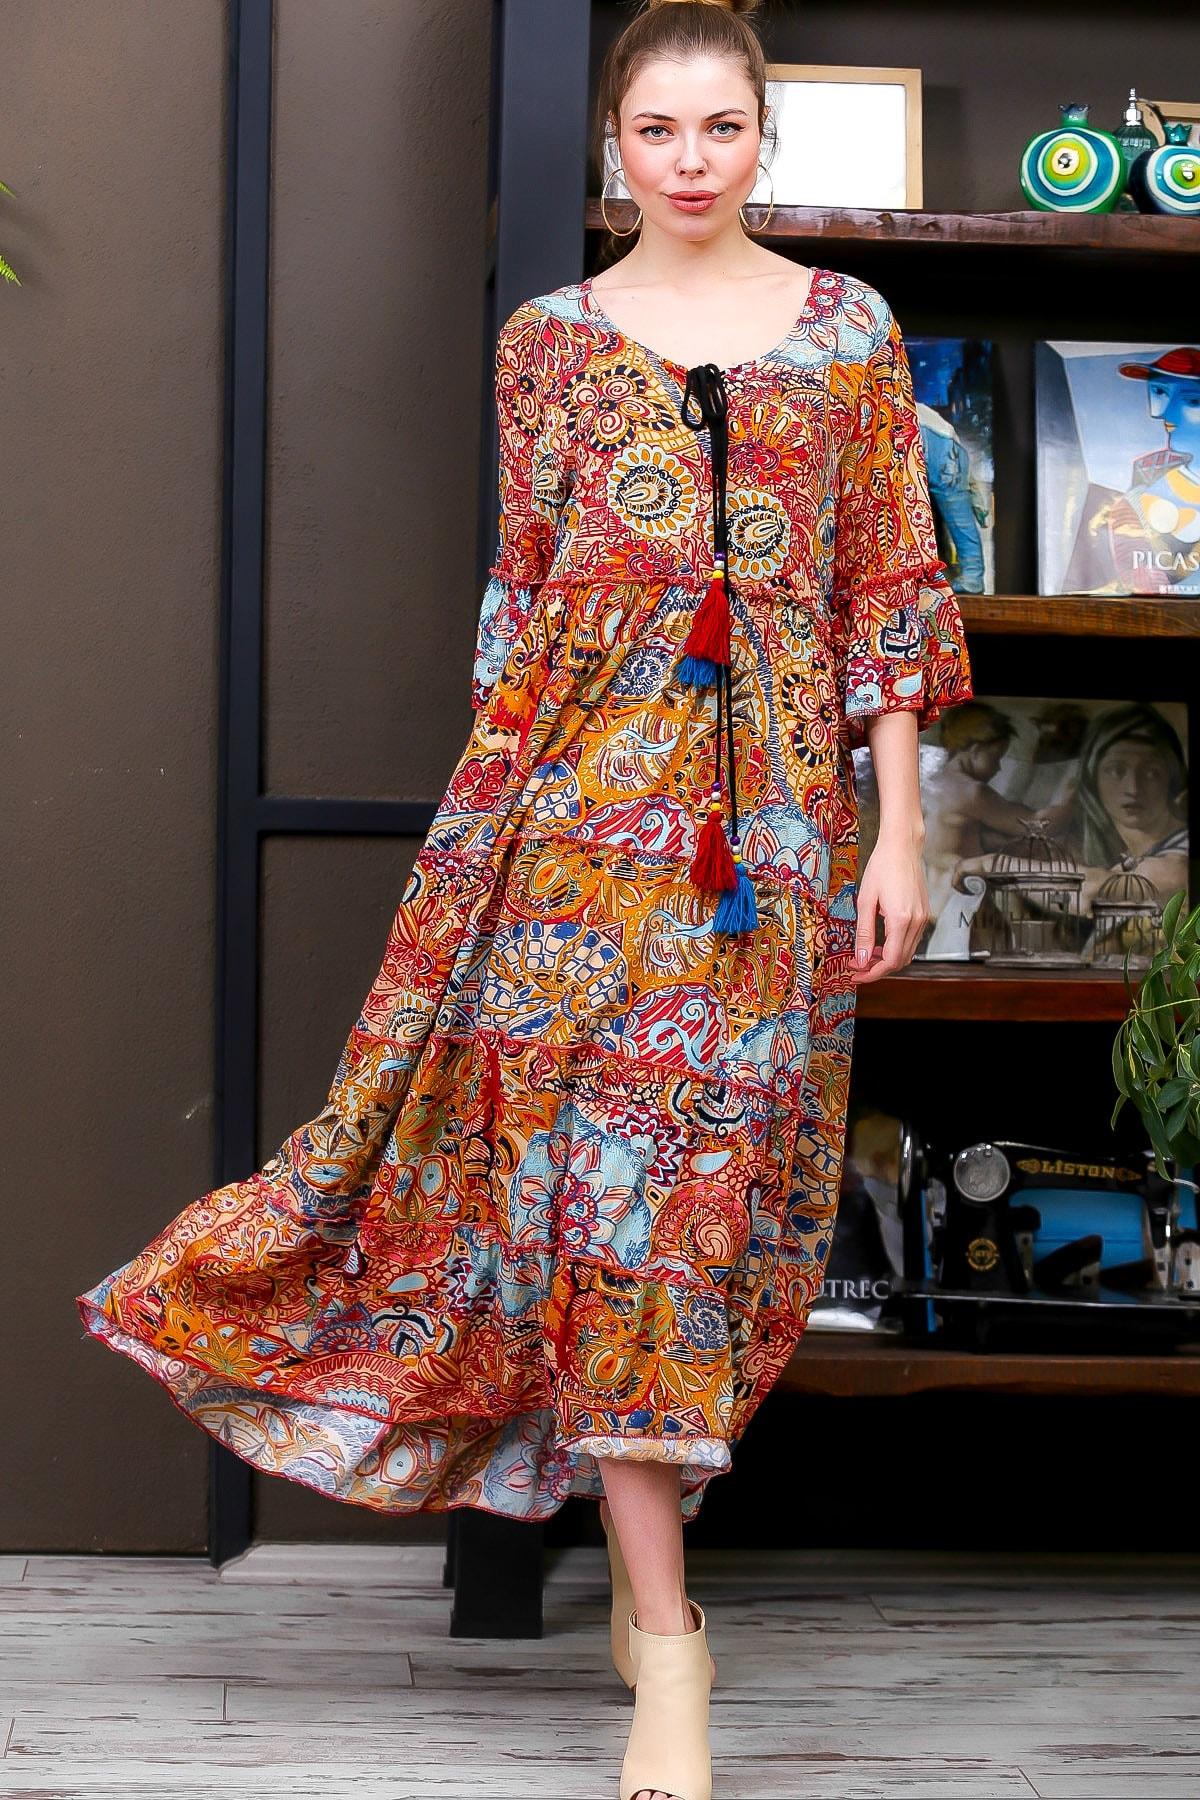 Chiccy Kadın Kiremit  Ottoman Desenli Püskül Bağcıklı Kat Kat Salaş Uzun Elbise M10160000EL95626 3